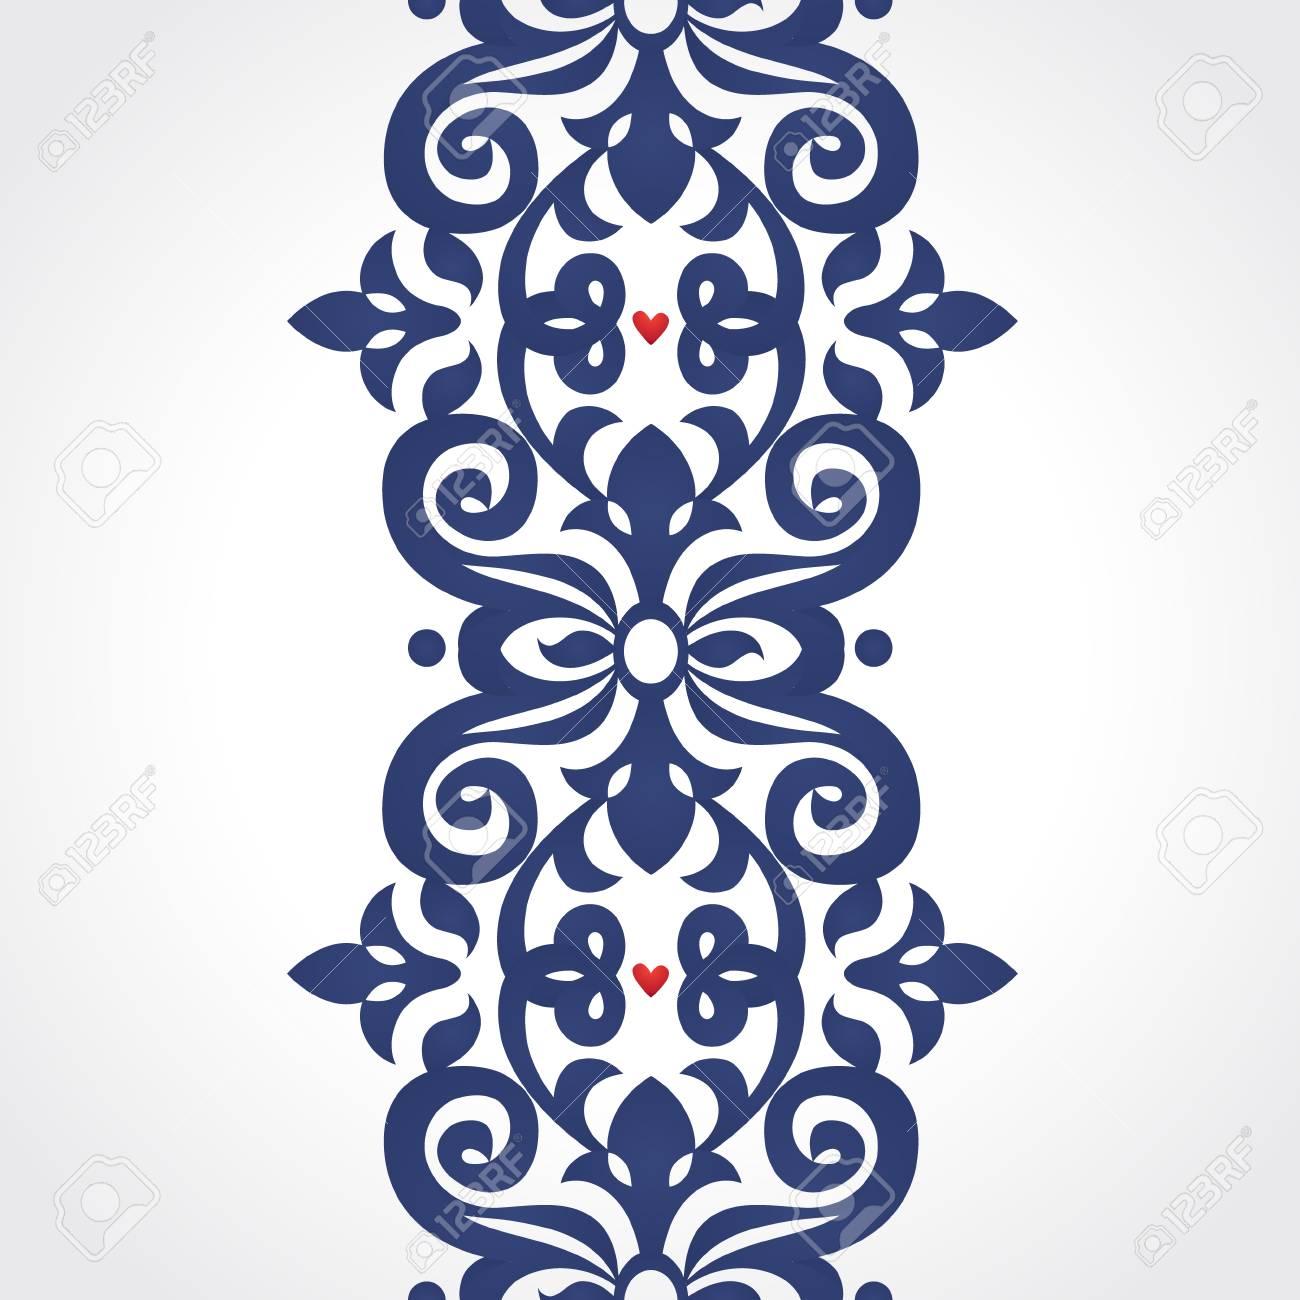 Vector Nahtlose Grenze Im Viktorianischen Stil. Ornate Element Für ...